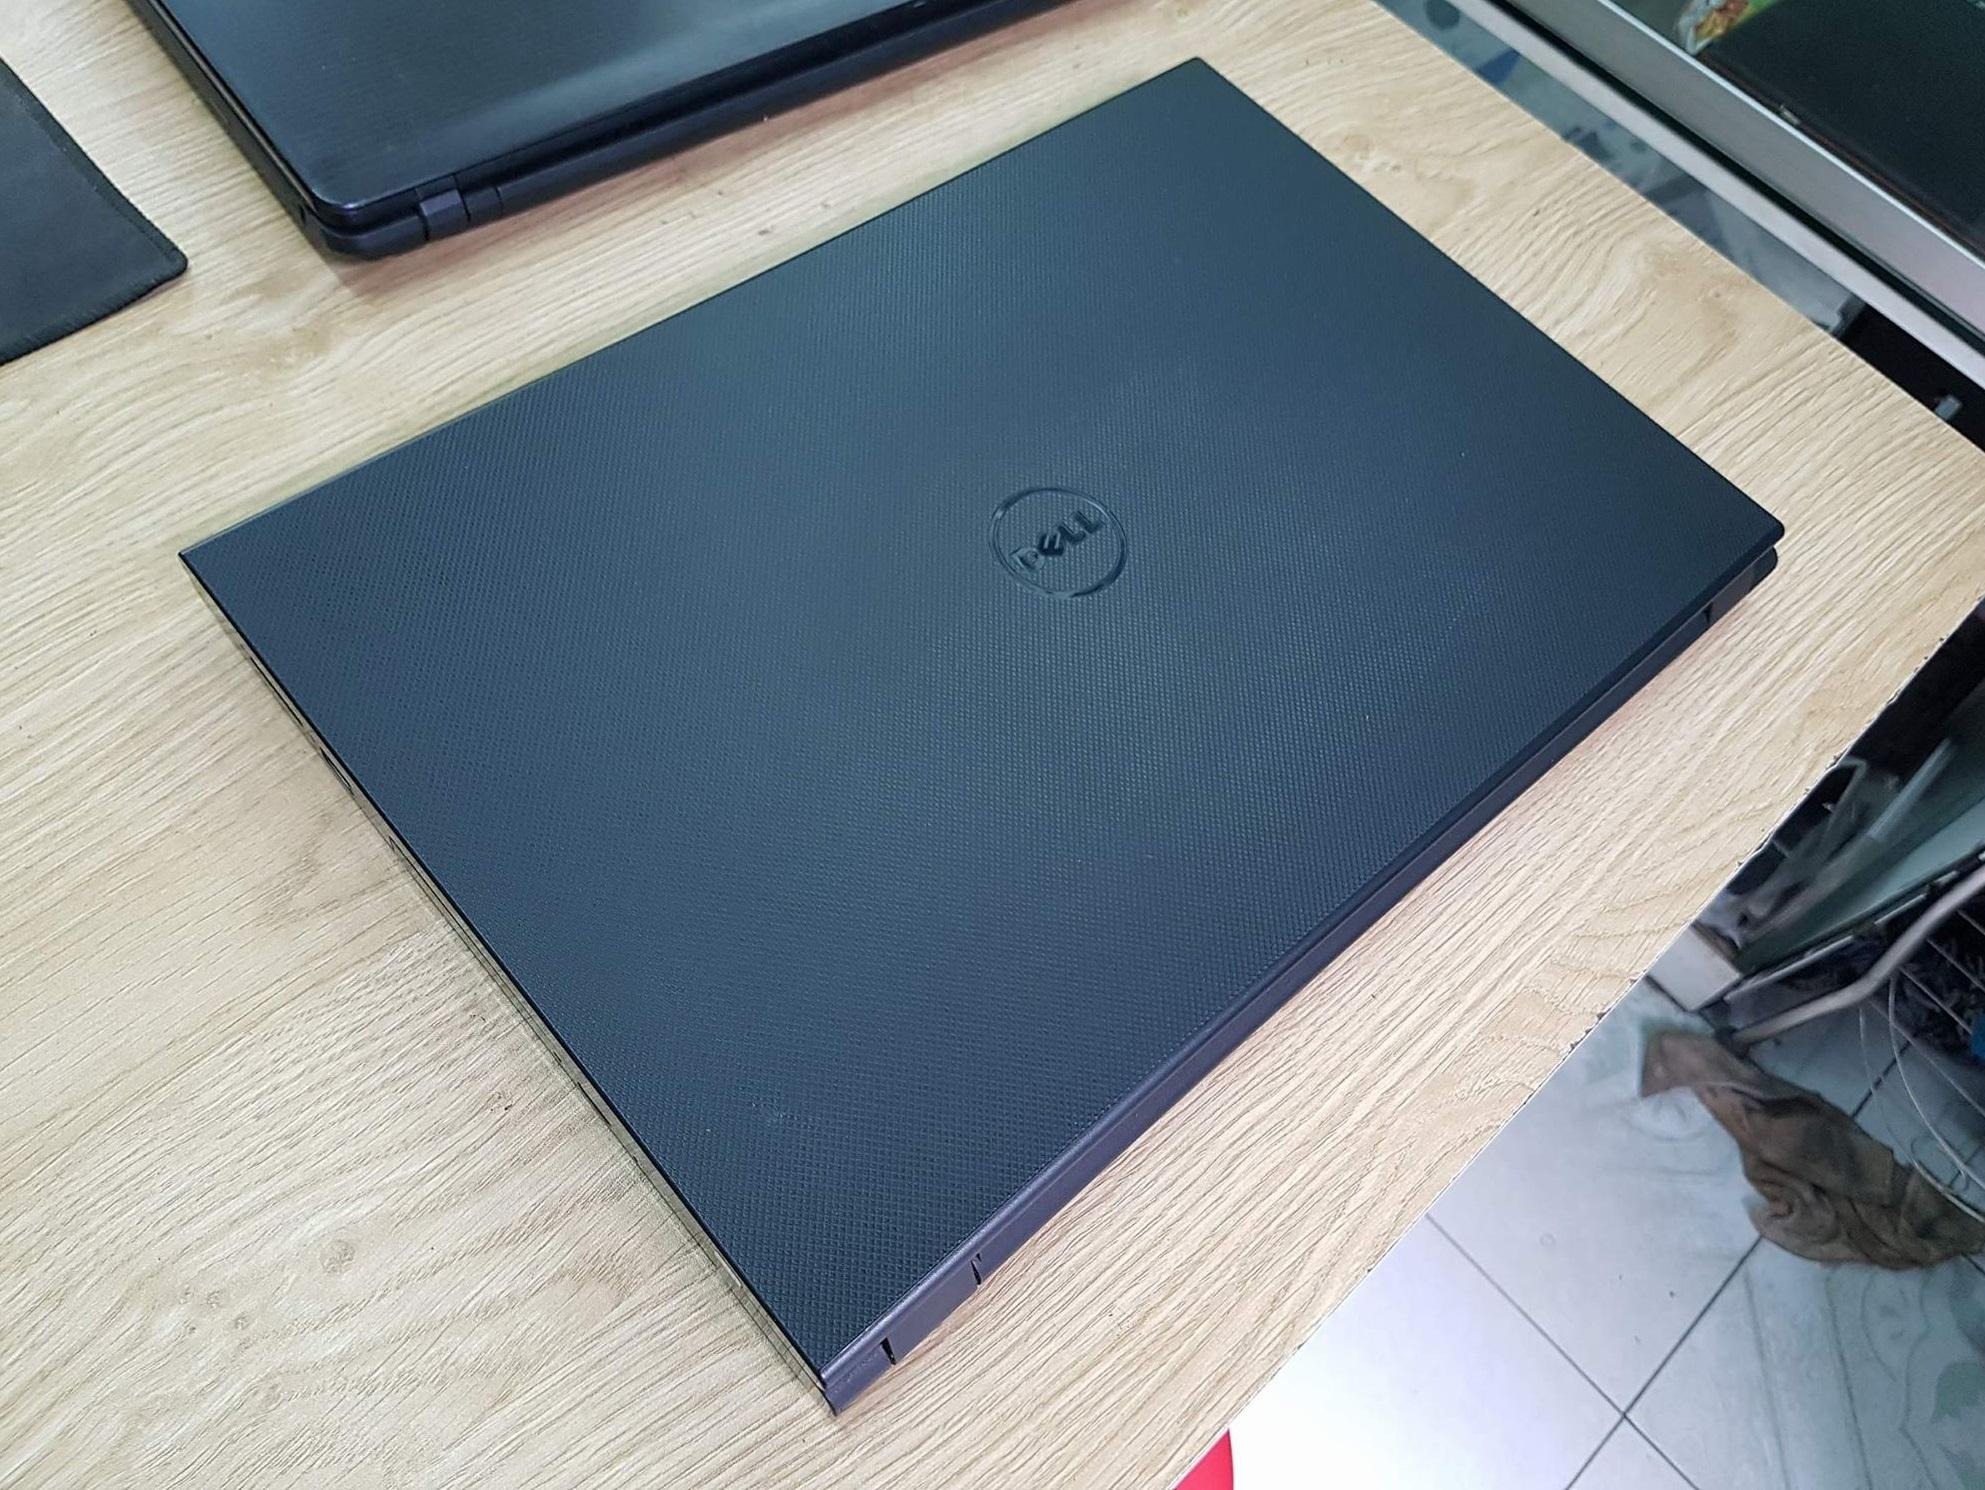 17 Laptop Cũ Chính Hãng - Rẻ Nhất Hà Nội - Tặng full Phụ Kiện - Freeship hàng Toàn Quốc